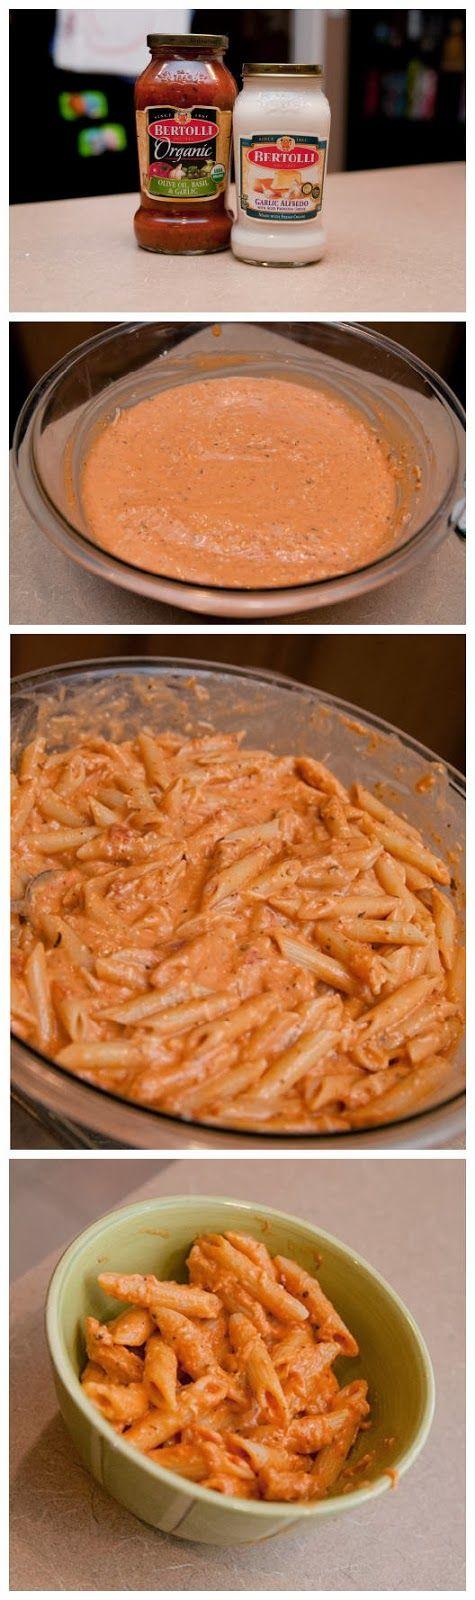 Two Timin' Pasta - Add Mozzarella